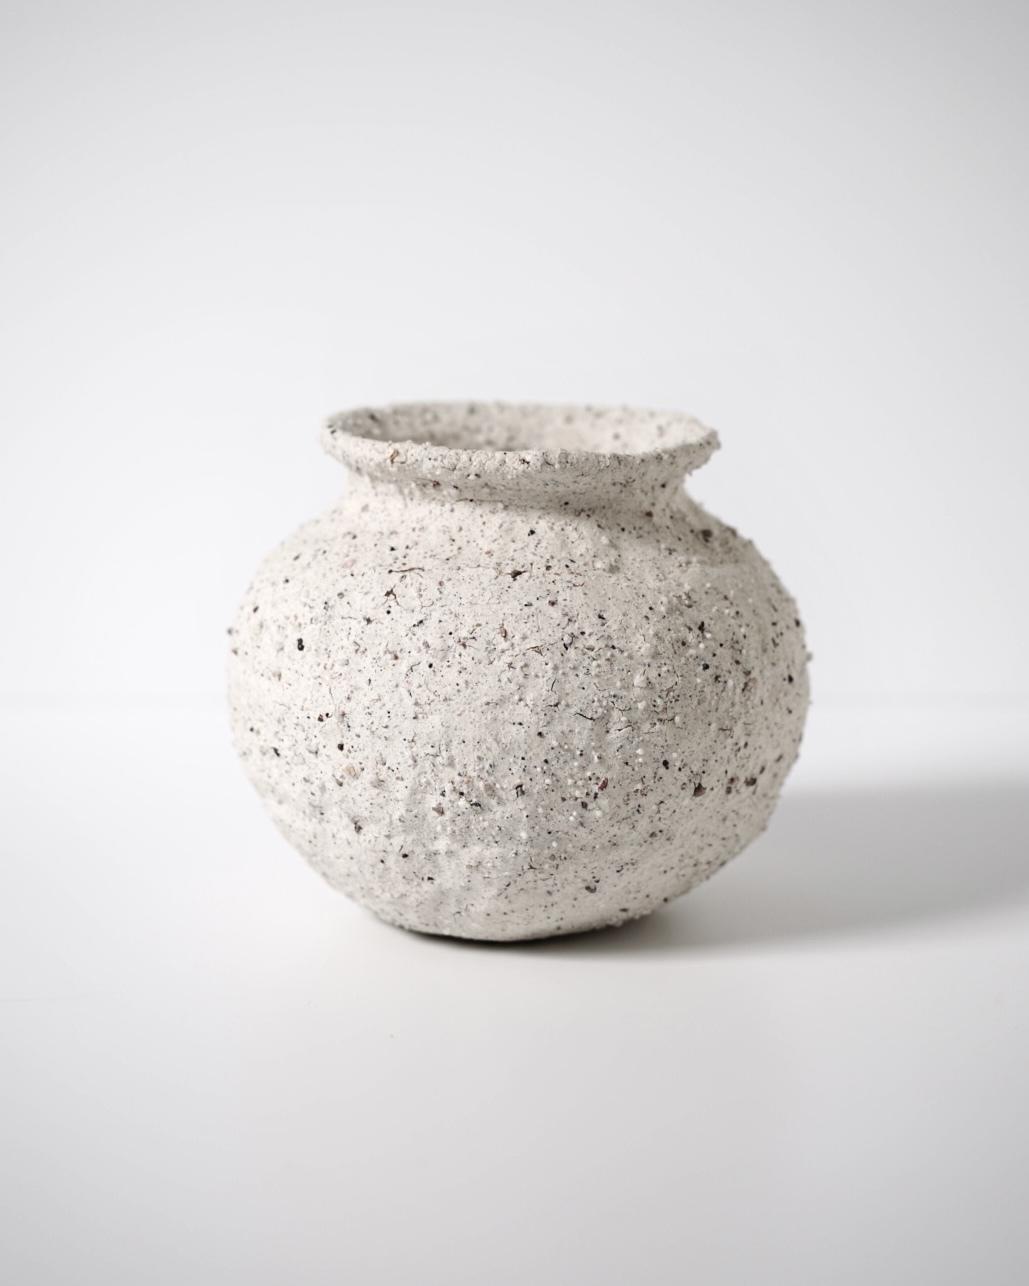 小黒ちはる / 壺 土器 (酸化焼成)